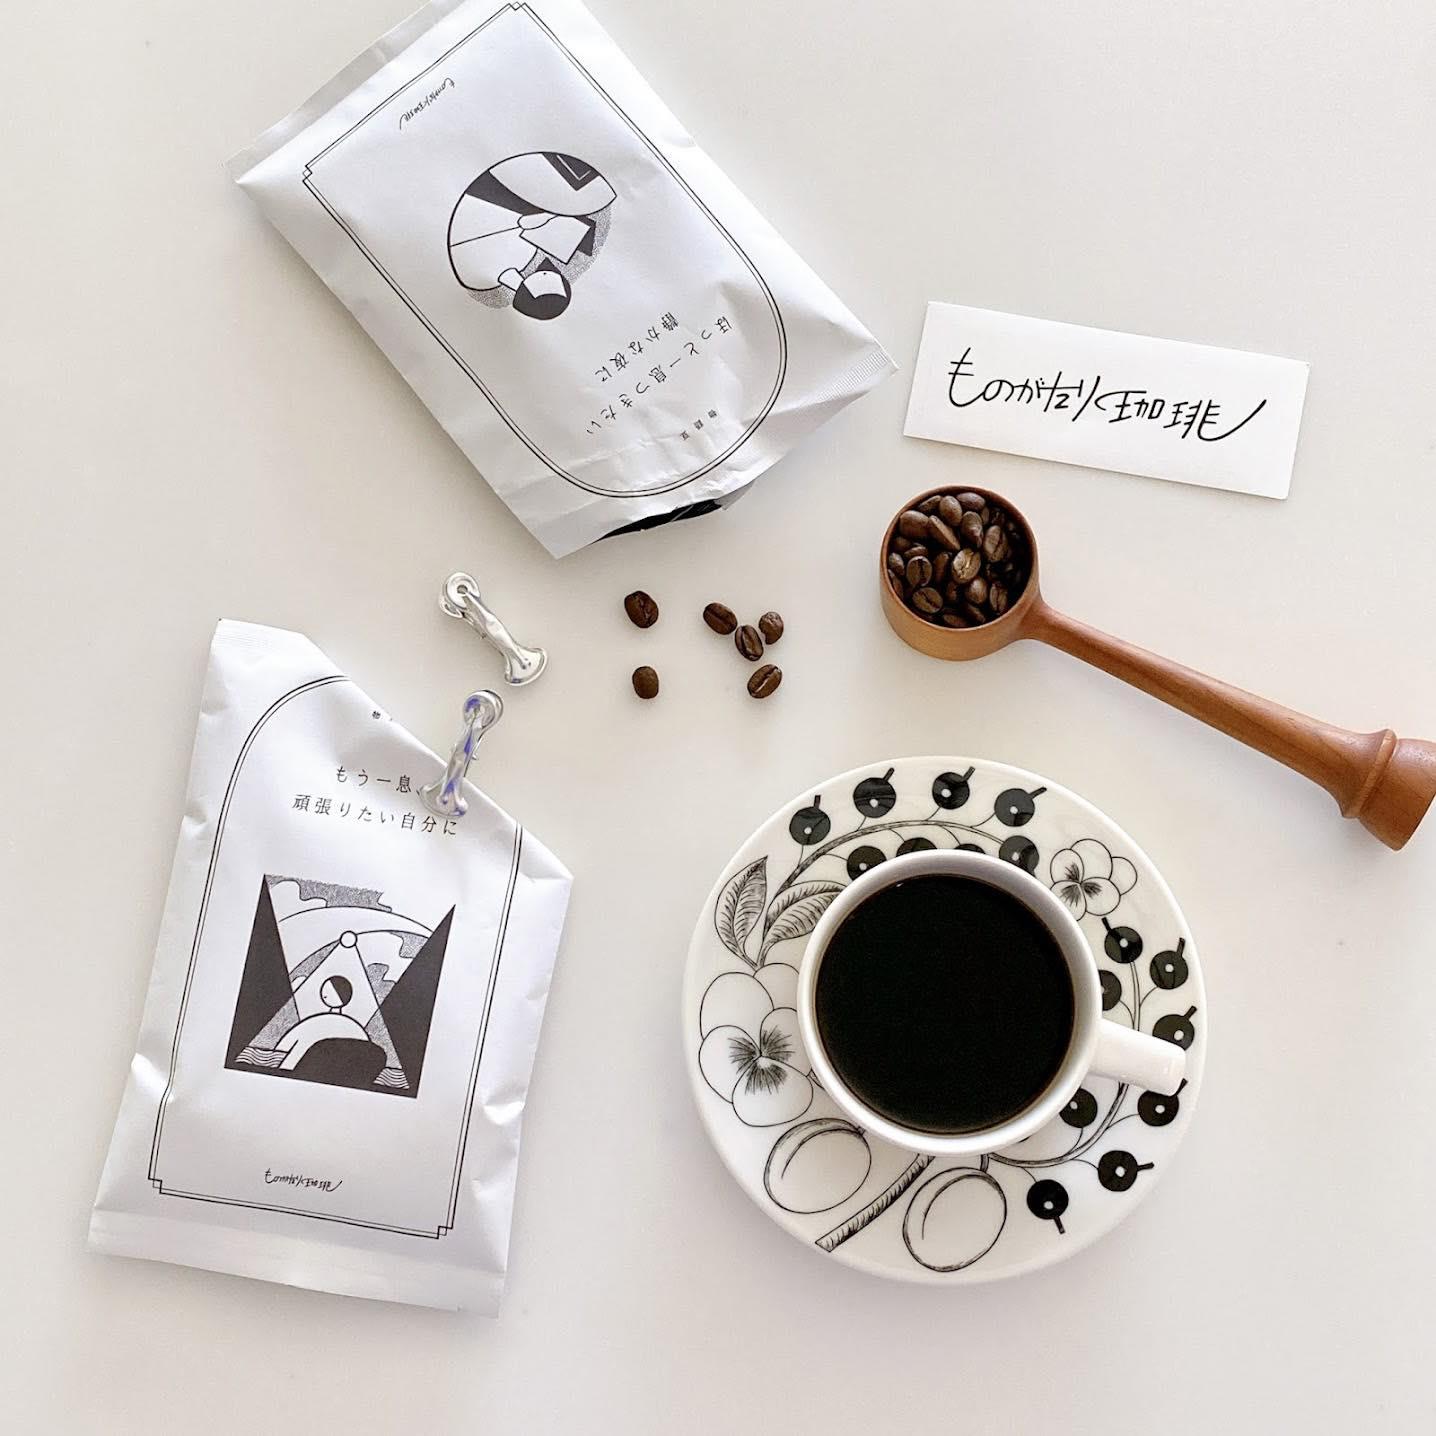 今月のテーマは、 ▩もう一息、頑張りたい自分に ▩ほっと一息つきたい静かな夜に  少しの時間でもゆっくり静かに 過ごすのって大切ですね。 その時間を作ろうと思えるキッカケにもなりました。  コーヒーも飲みやすくて美味しかったな、 夫がめっちゃ気に入ってます(笑)